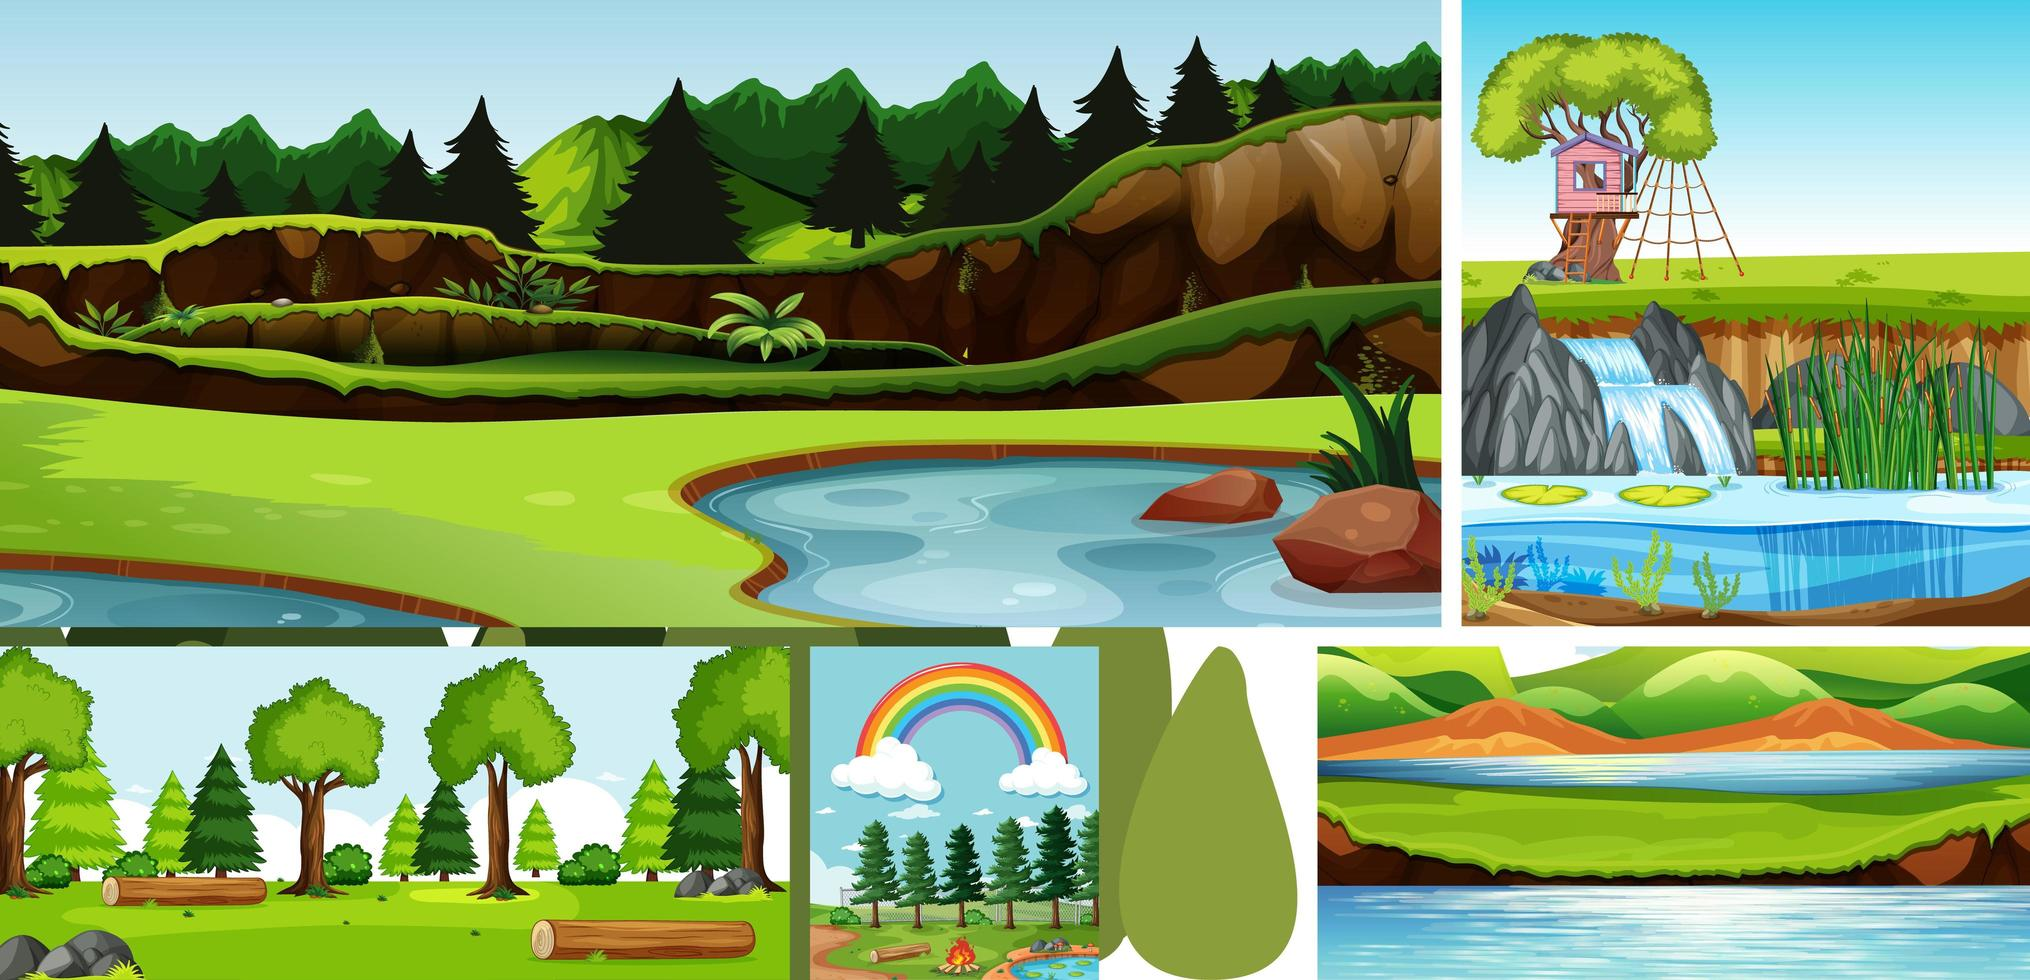 sechs Naturszenen mit unterschiedlichen Orten vektor